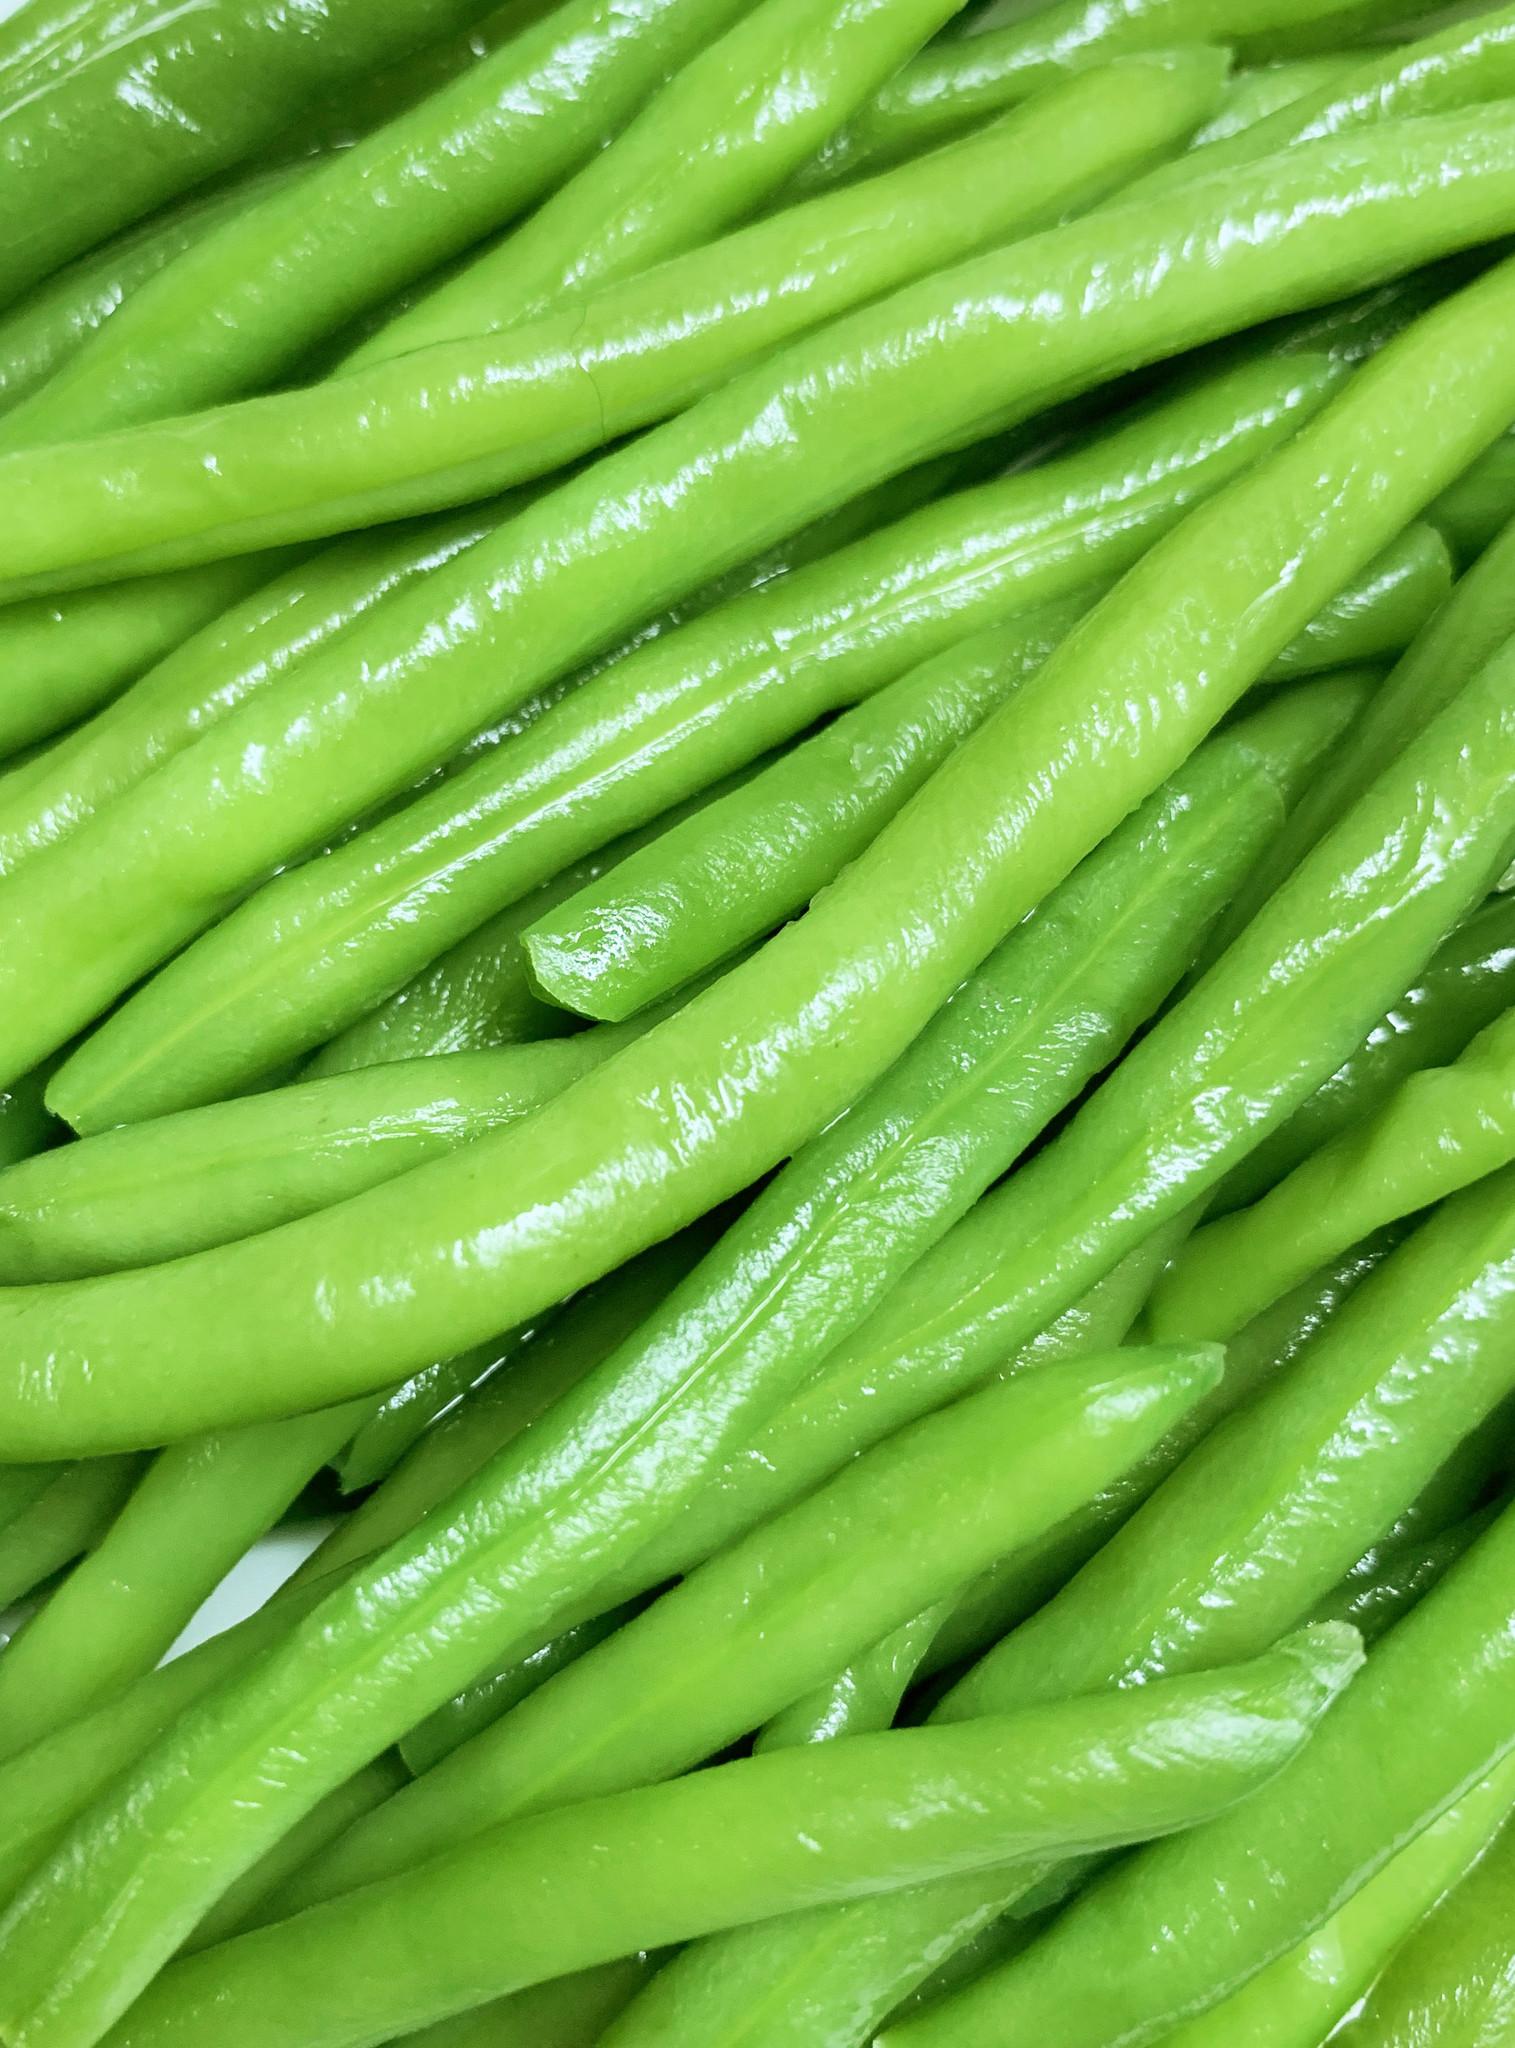 Thin green beans